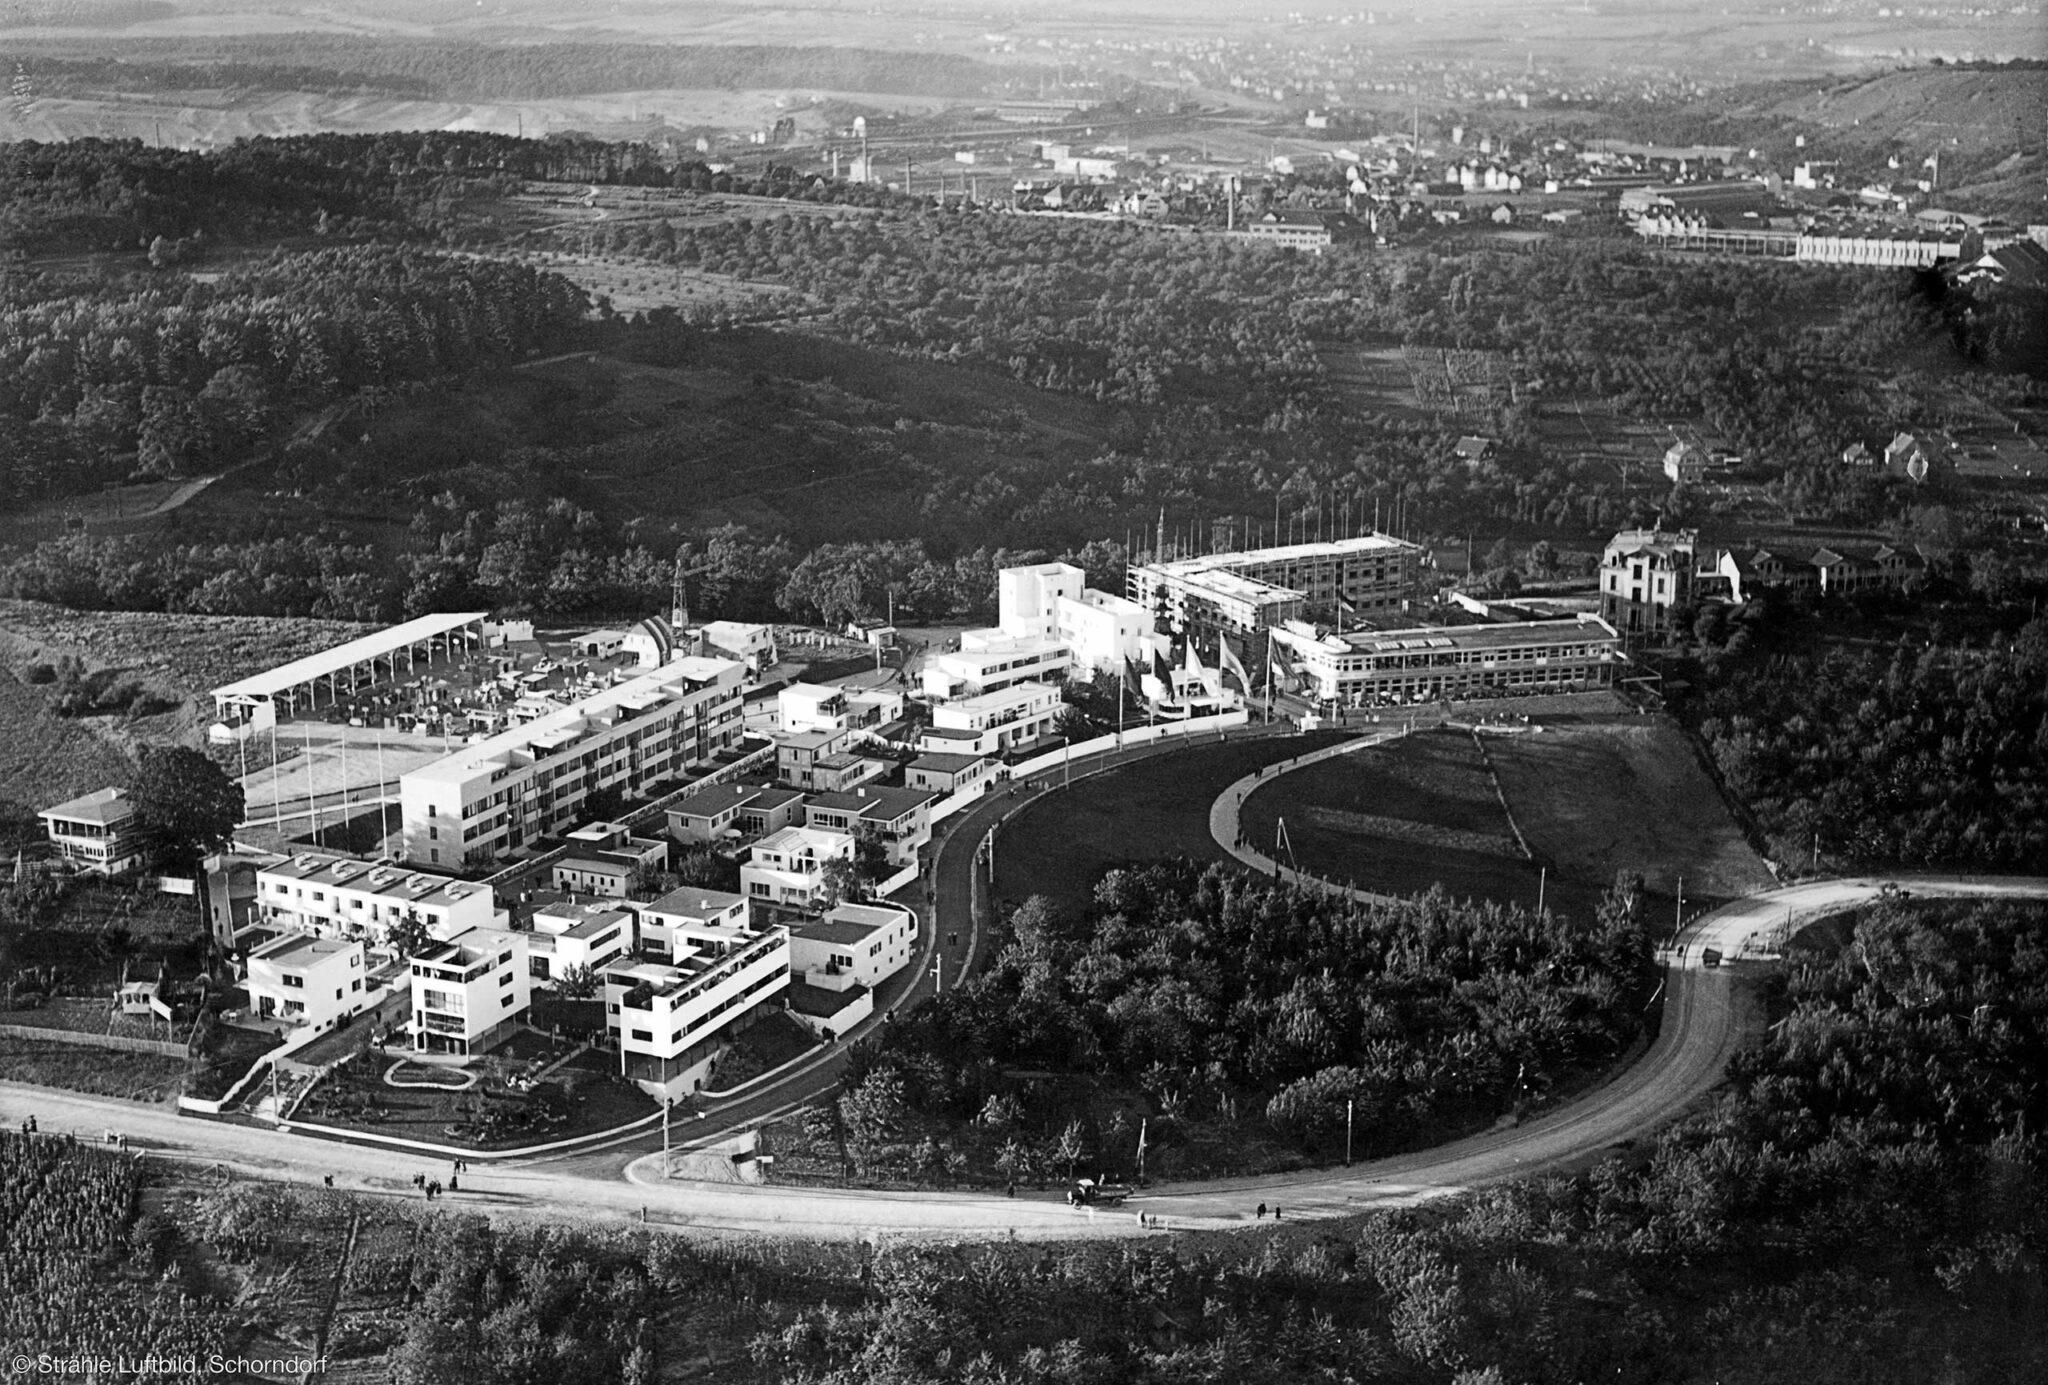 Weissenhofsiedlung 1927 (Bild: Strähle-Luftbild, Schorndorf)